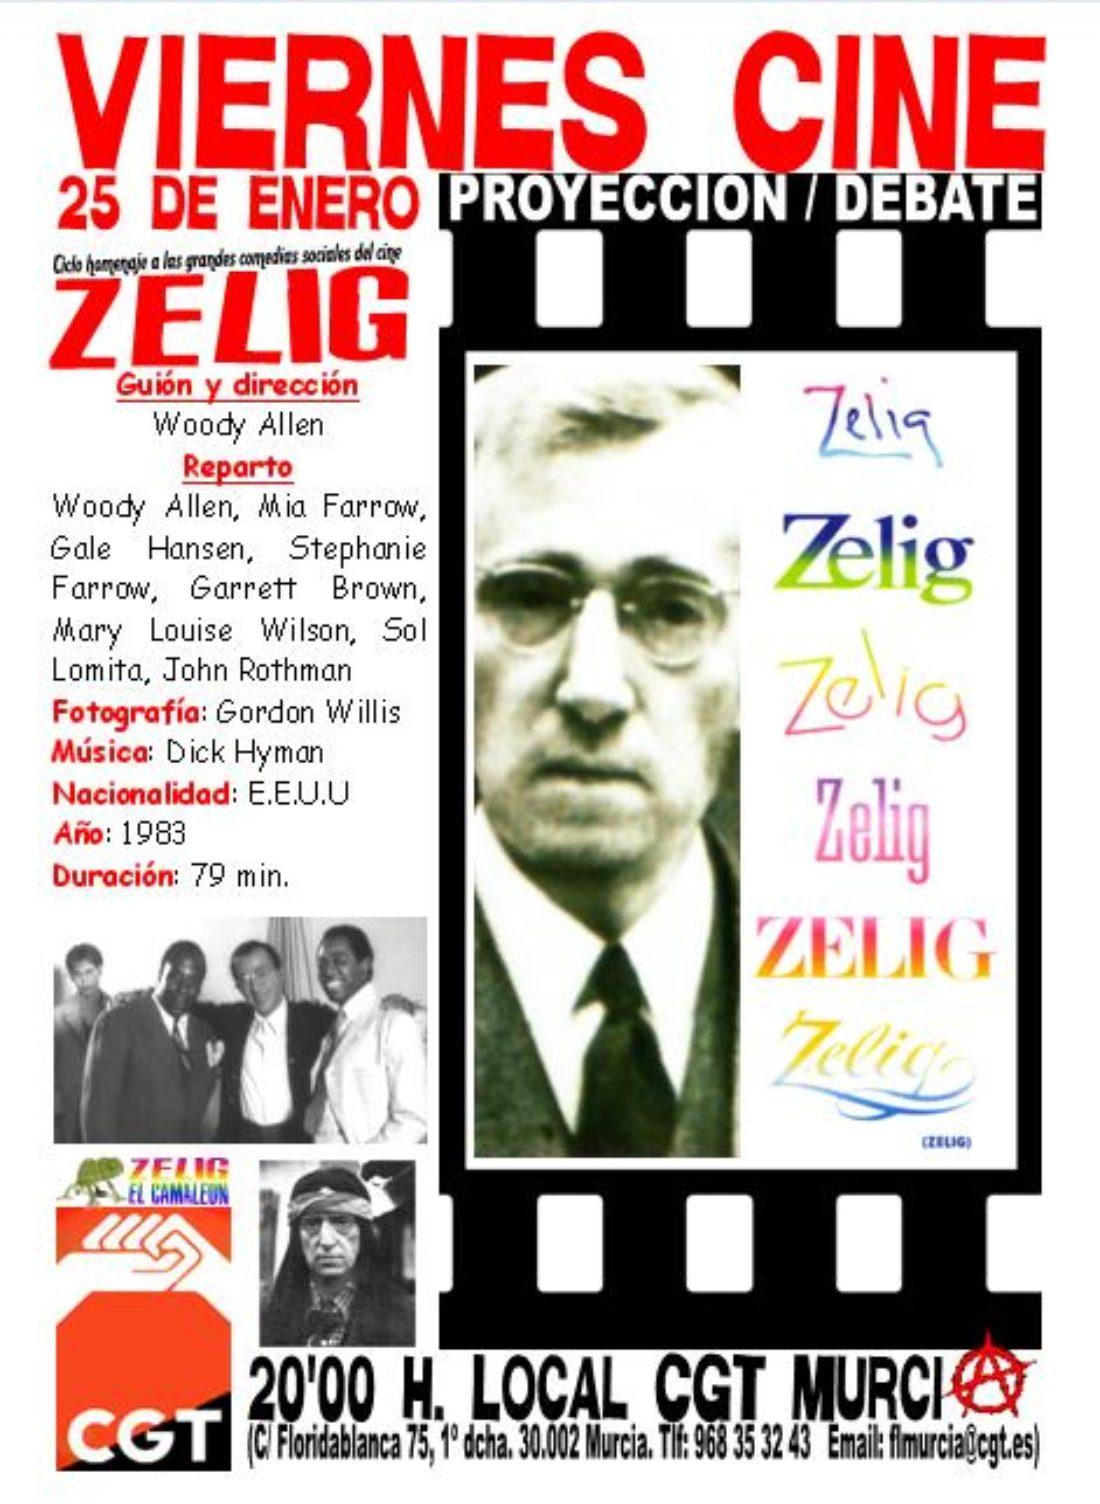 VIERNES CINE. El 25 de enero a las 20'00 h. ZELIG de Woody Allen en el local de CGT en Murcia